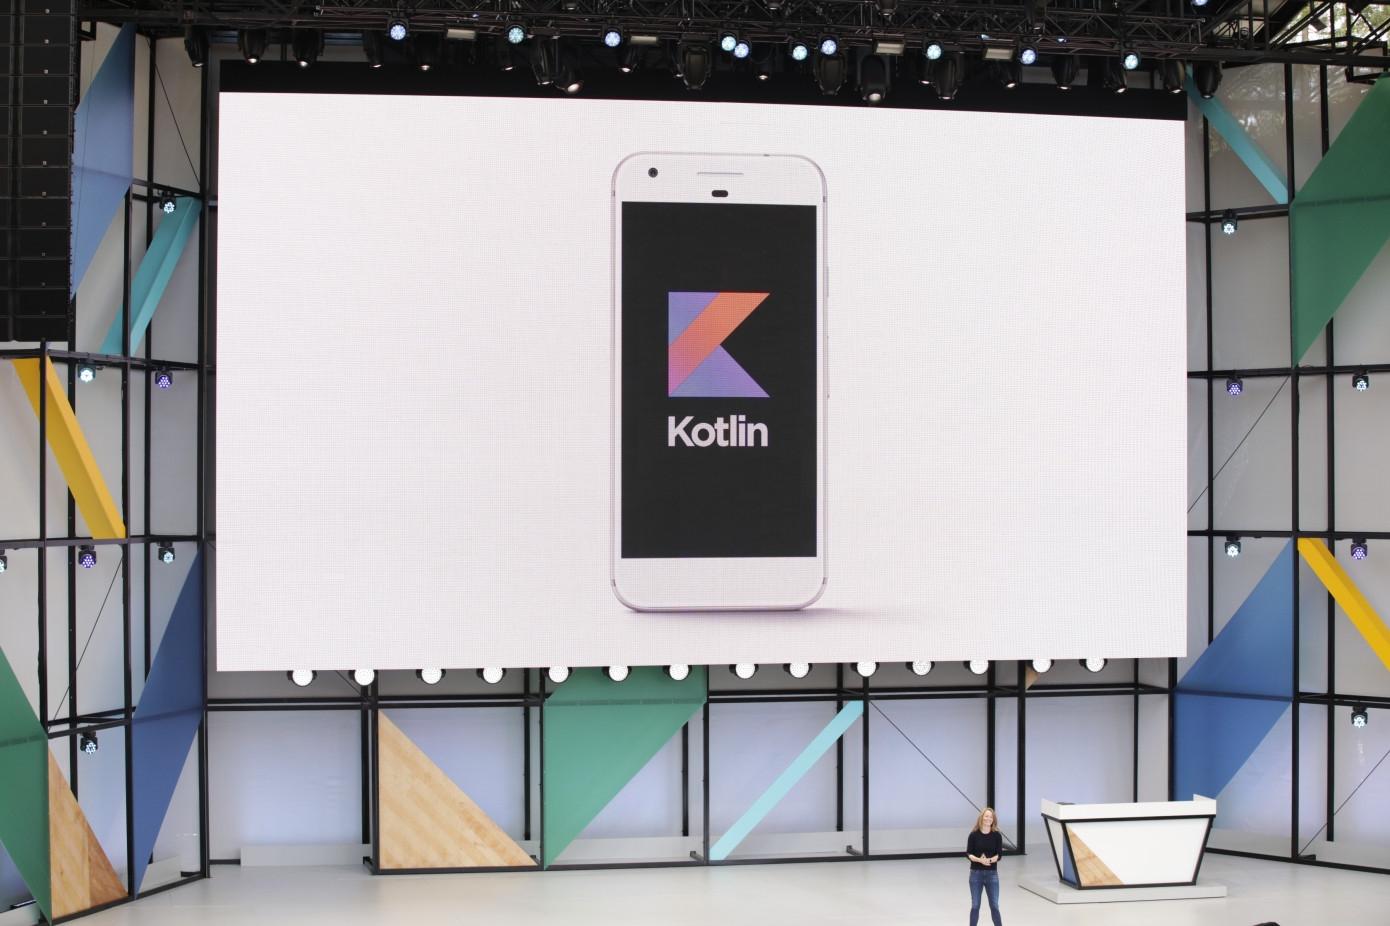 Впервые официальная поддержка Kotlin в IDE Android Studio появилась в 2017 году